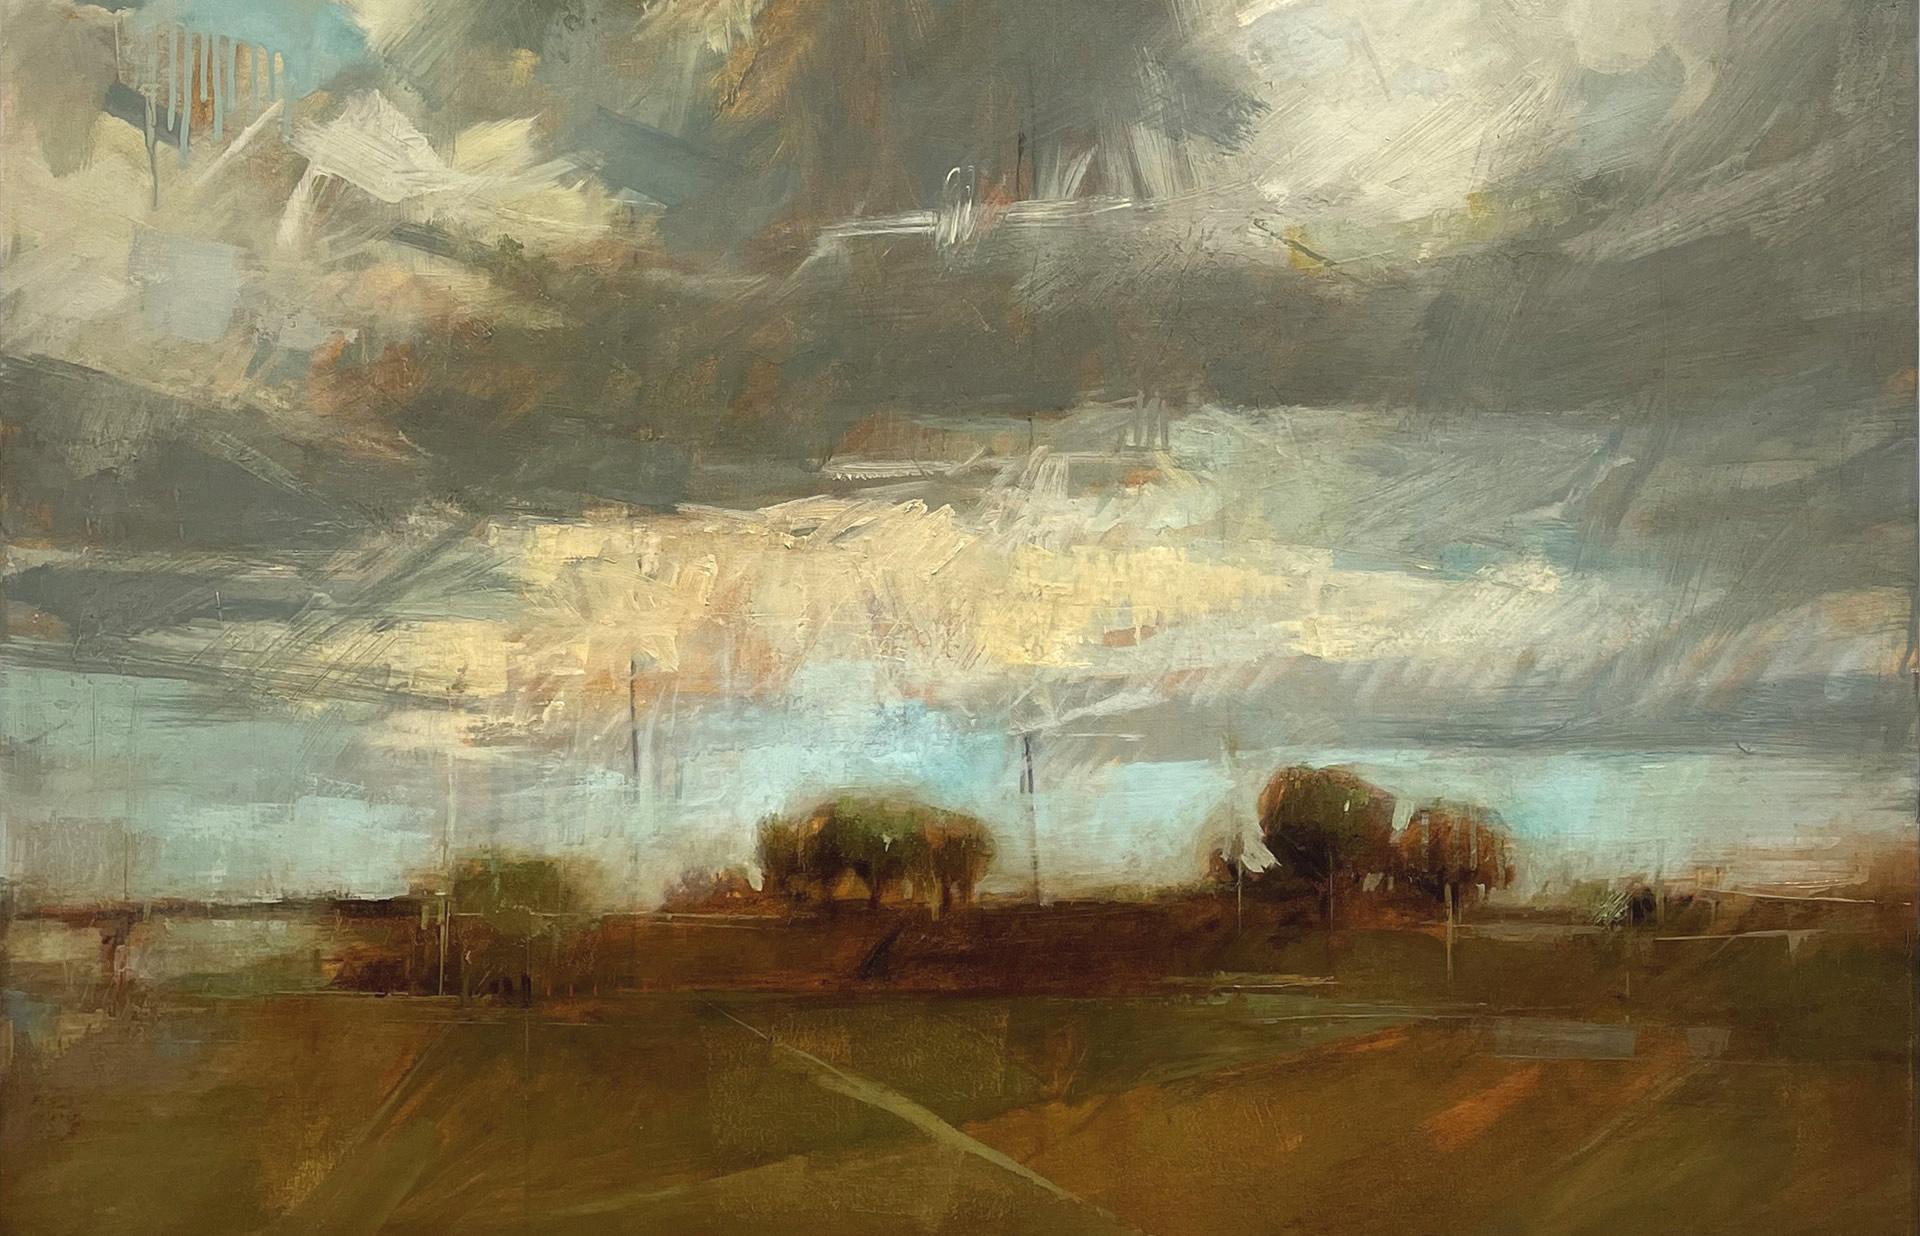 David-Edwards-Breathe-2-40x36-4100-Online-Art-Galleries-1236